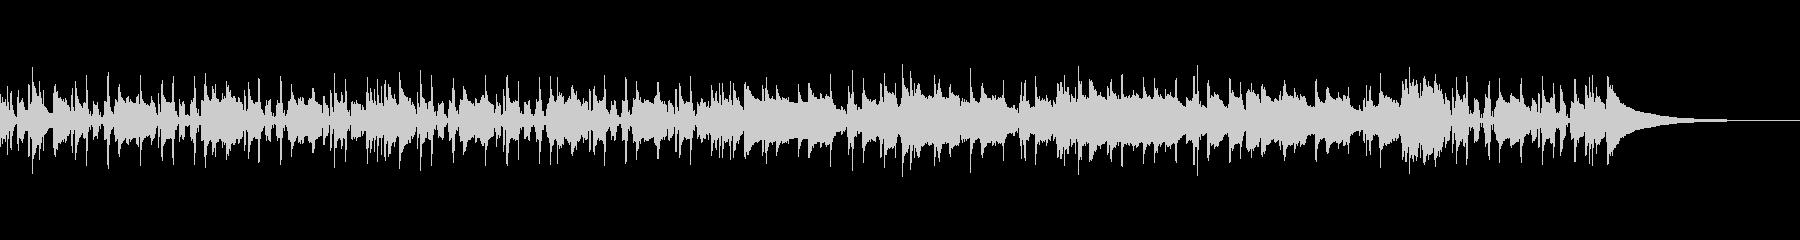 印象的なリフのほんわかバンドBGMの未再生の波形